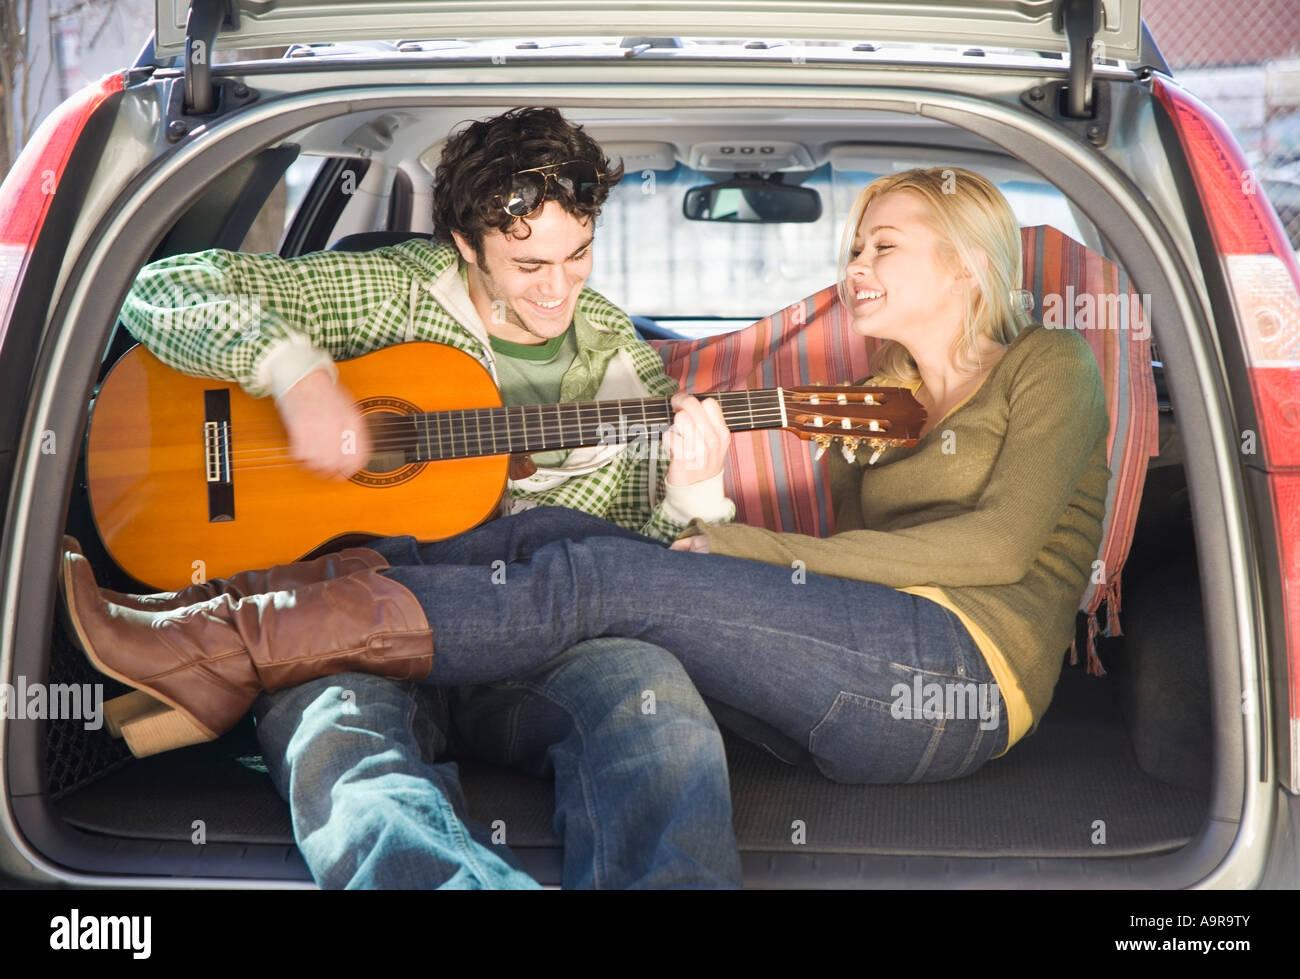 Coppia seduta nel retro della vettura con la chitarra Immagini Stock